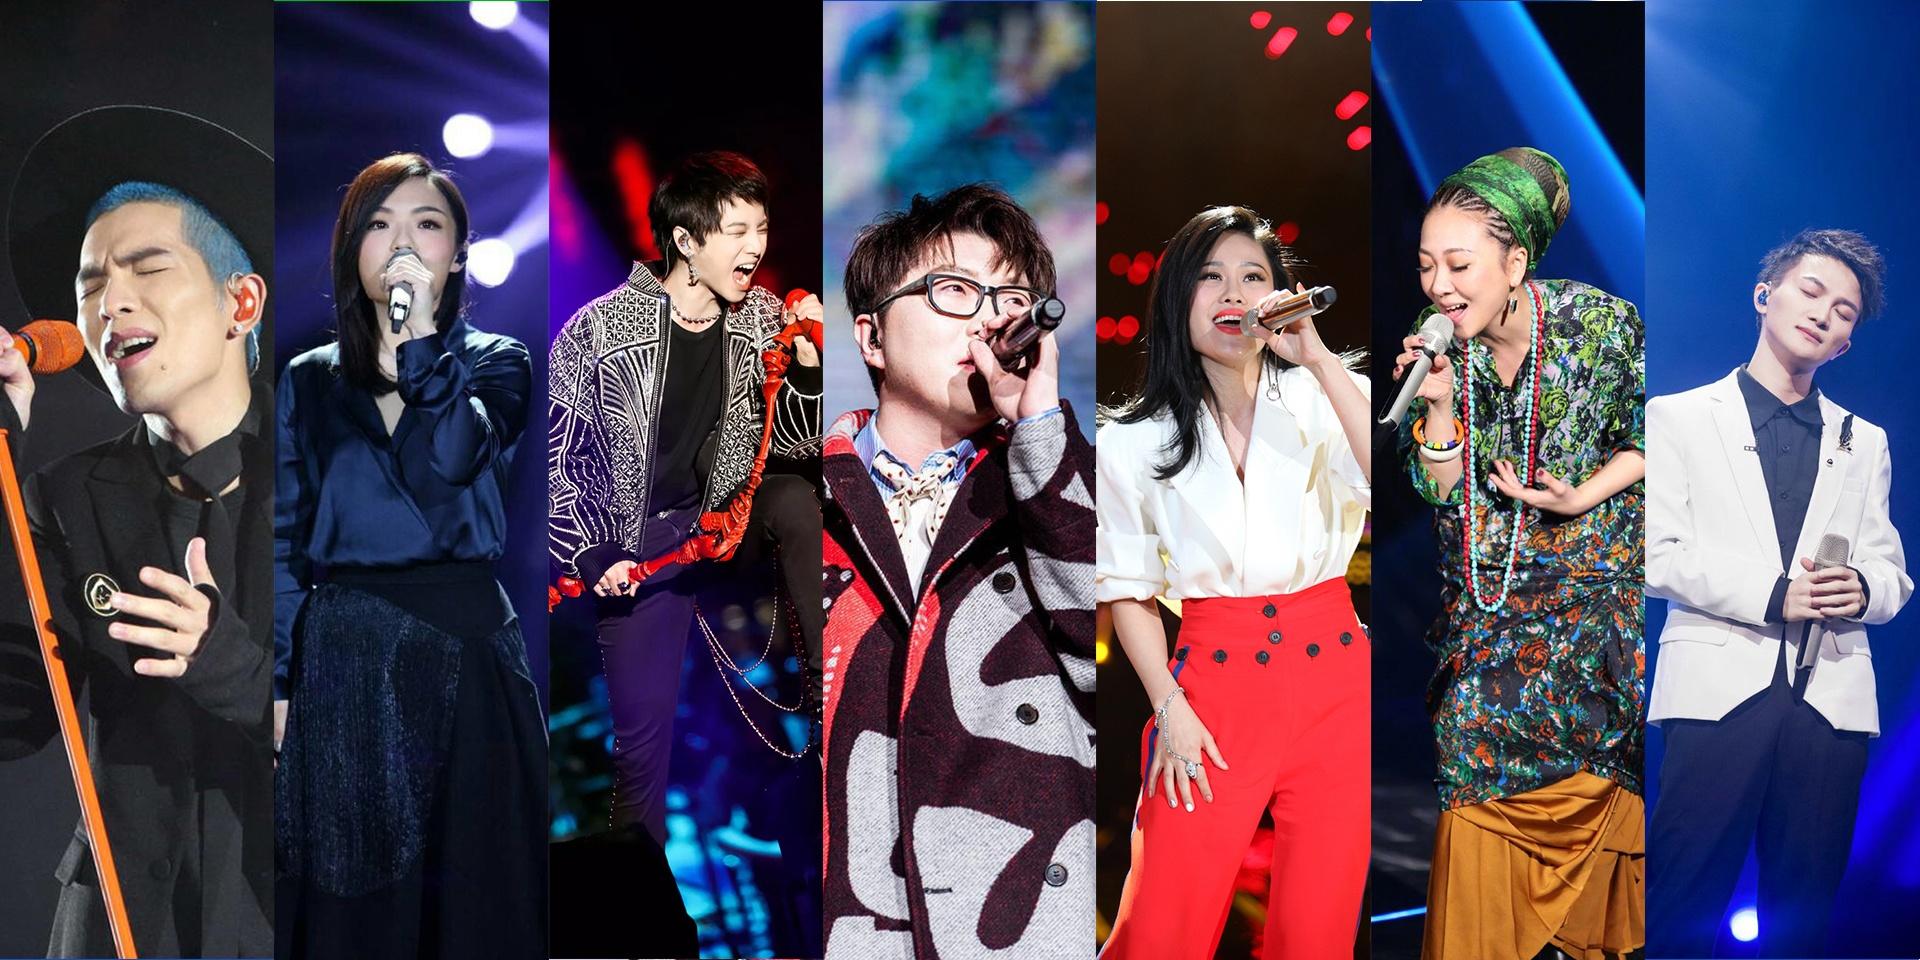 《歌手:当打之年》迎来超强阵容  年轻歌手今晚开战